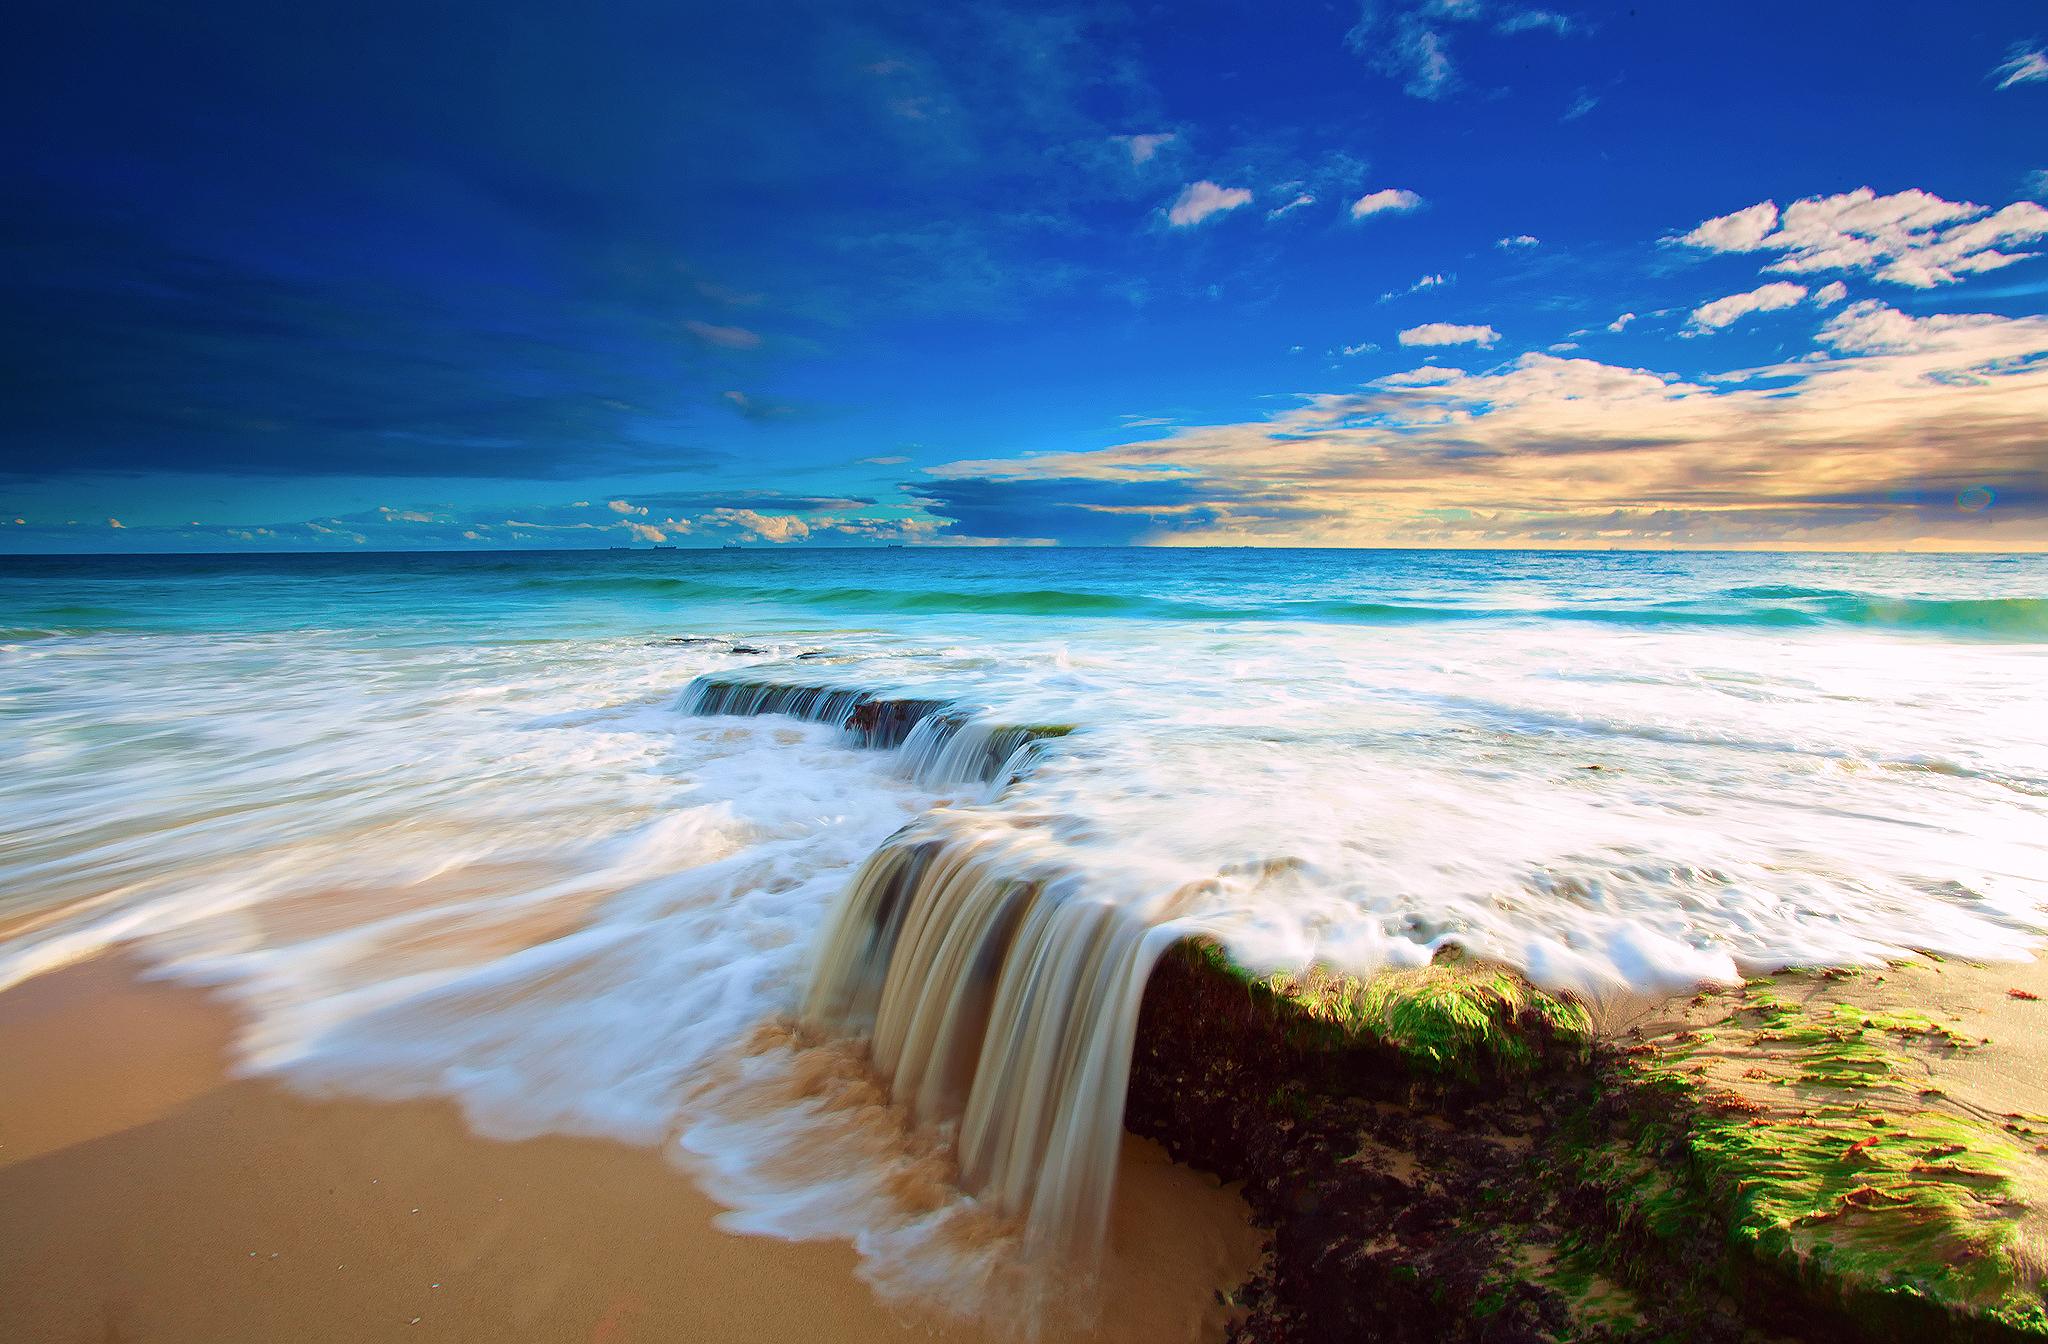 Картинки моря с высоким разрешением